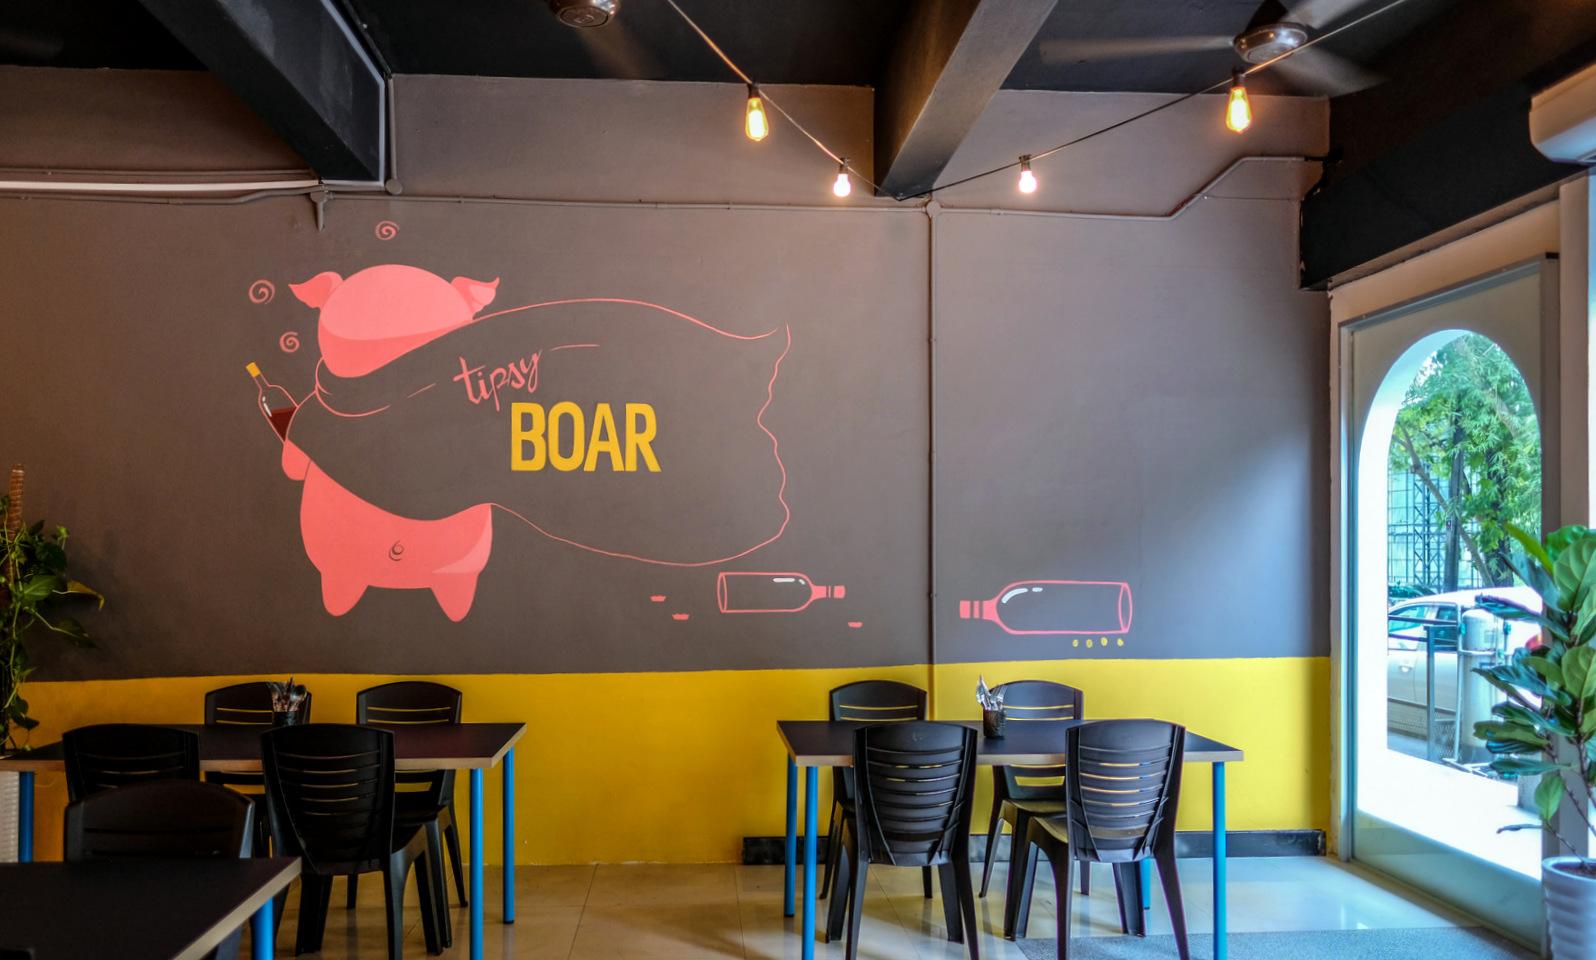 Tipsy Boar @ Section 17, Petaling Jaya